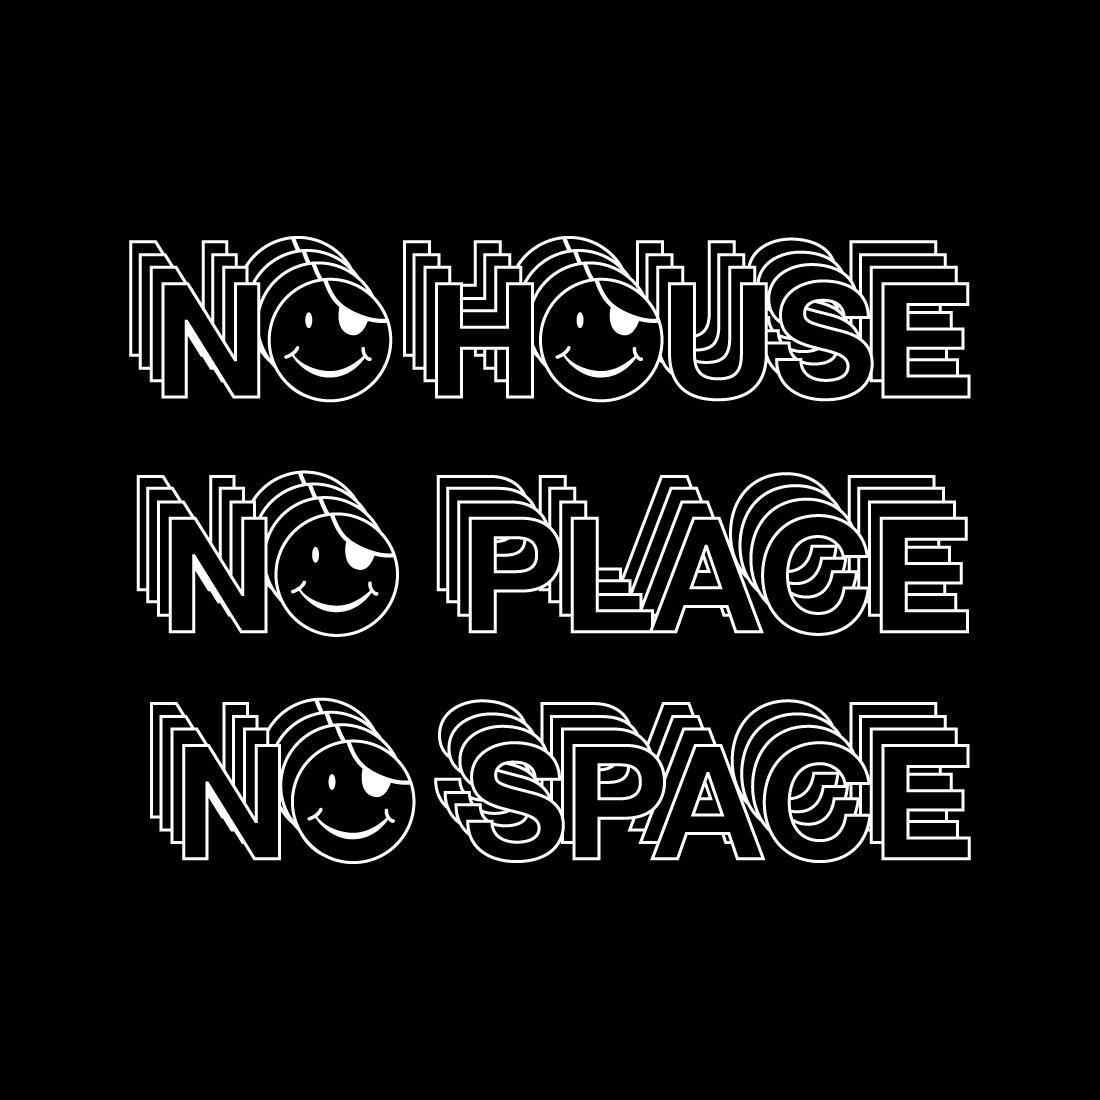 nohousenoplacenospace_black